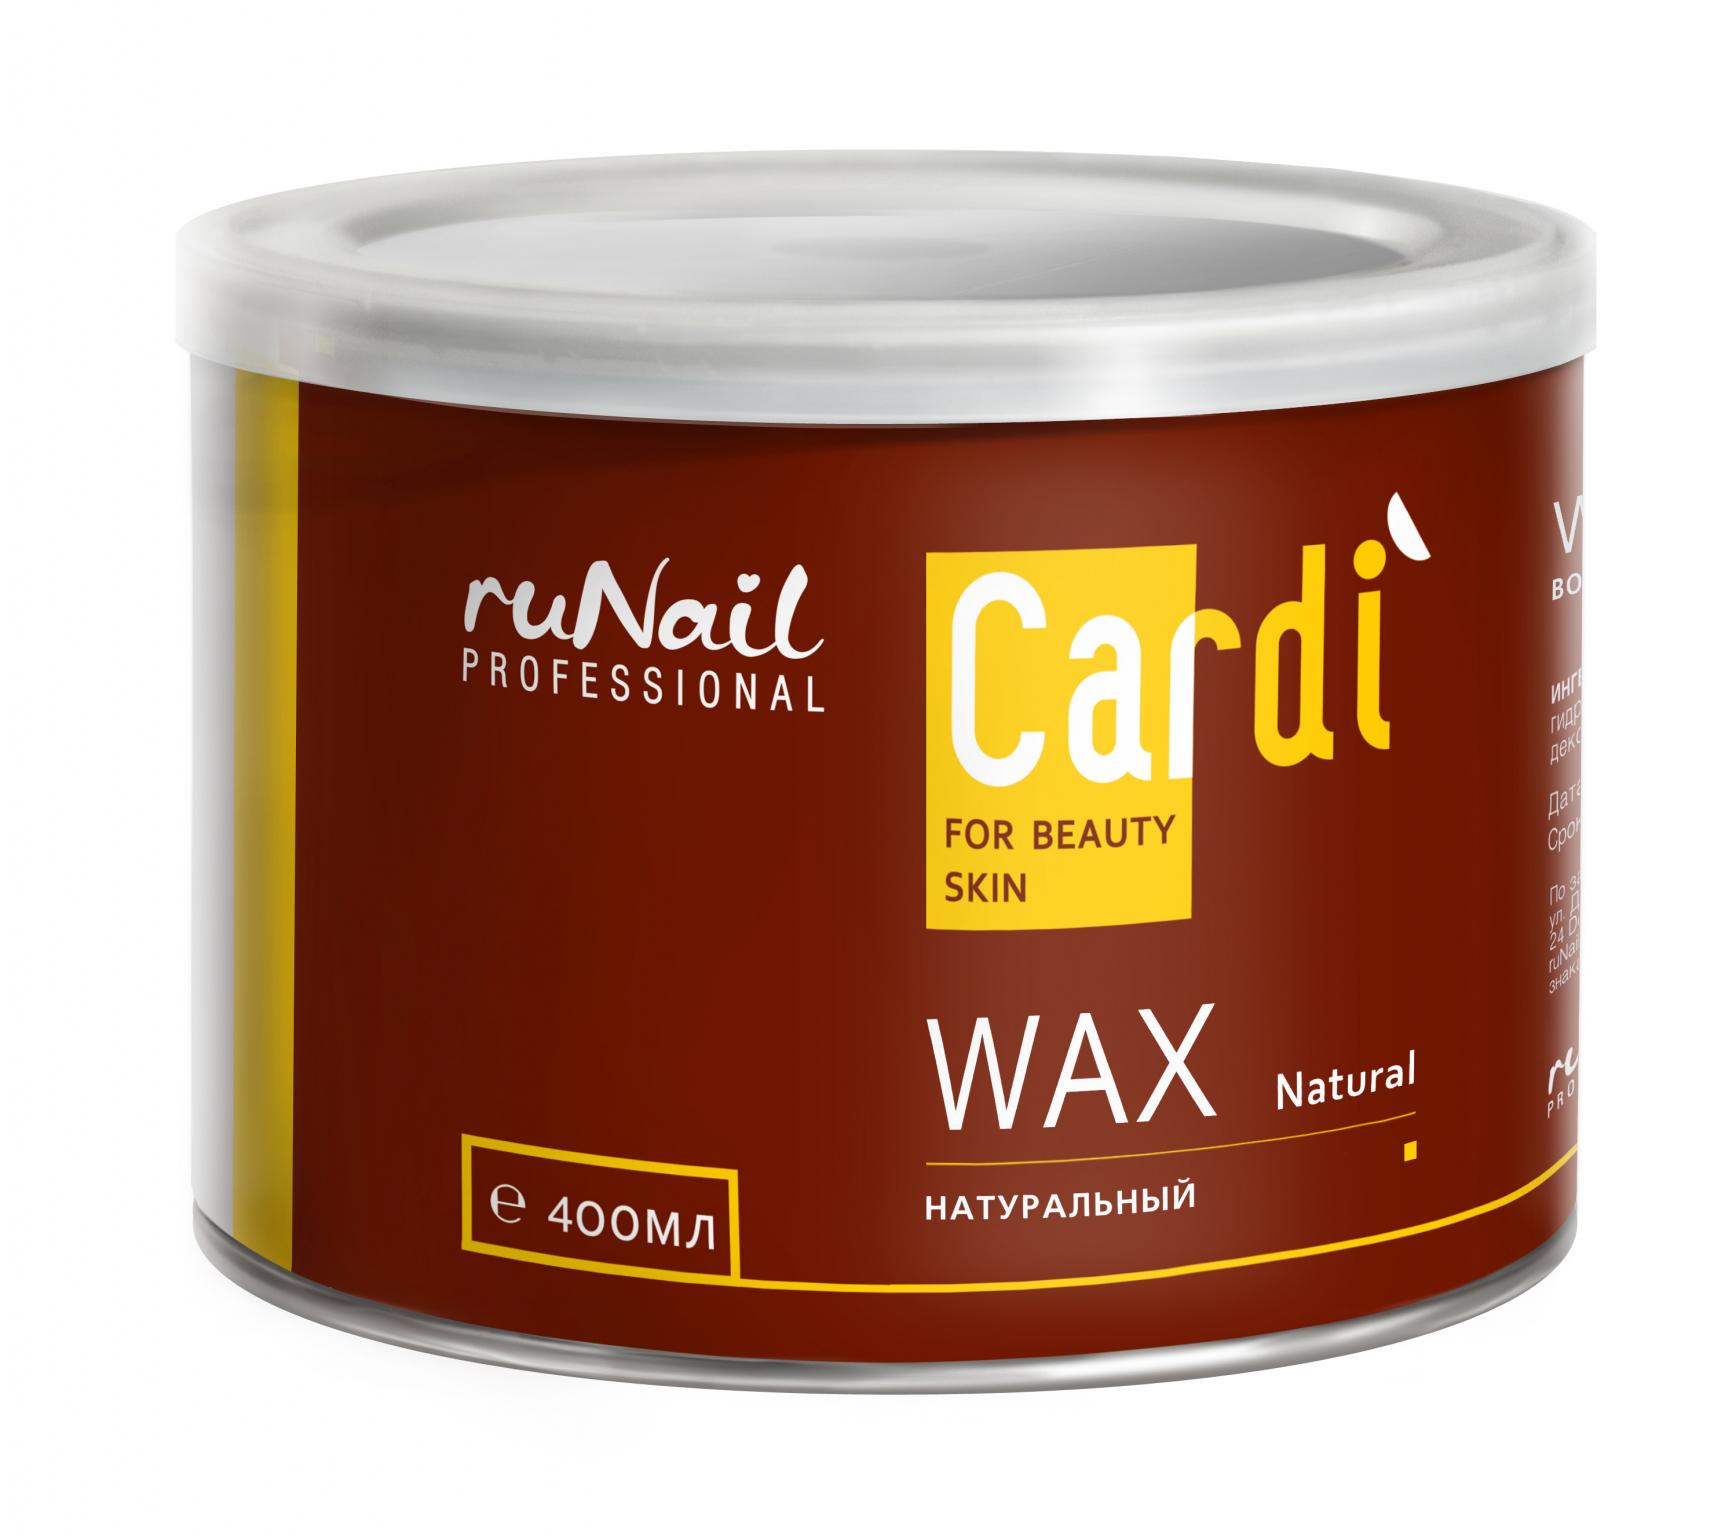 """Воск для депиляции Cardi (аромат: """"Натуральный"""") 400мл №2026"""